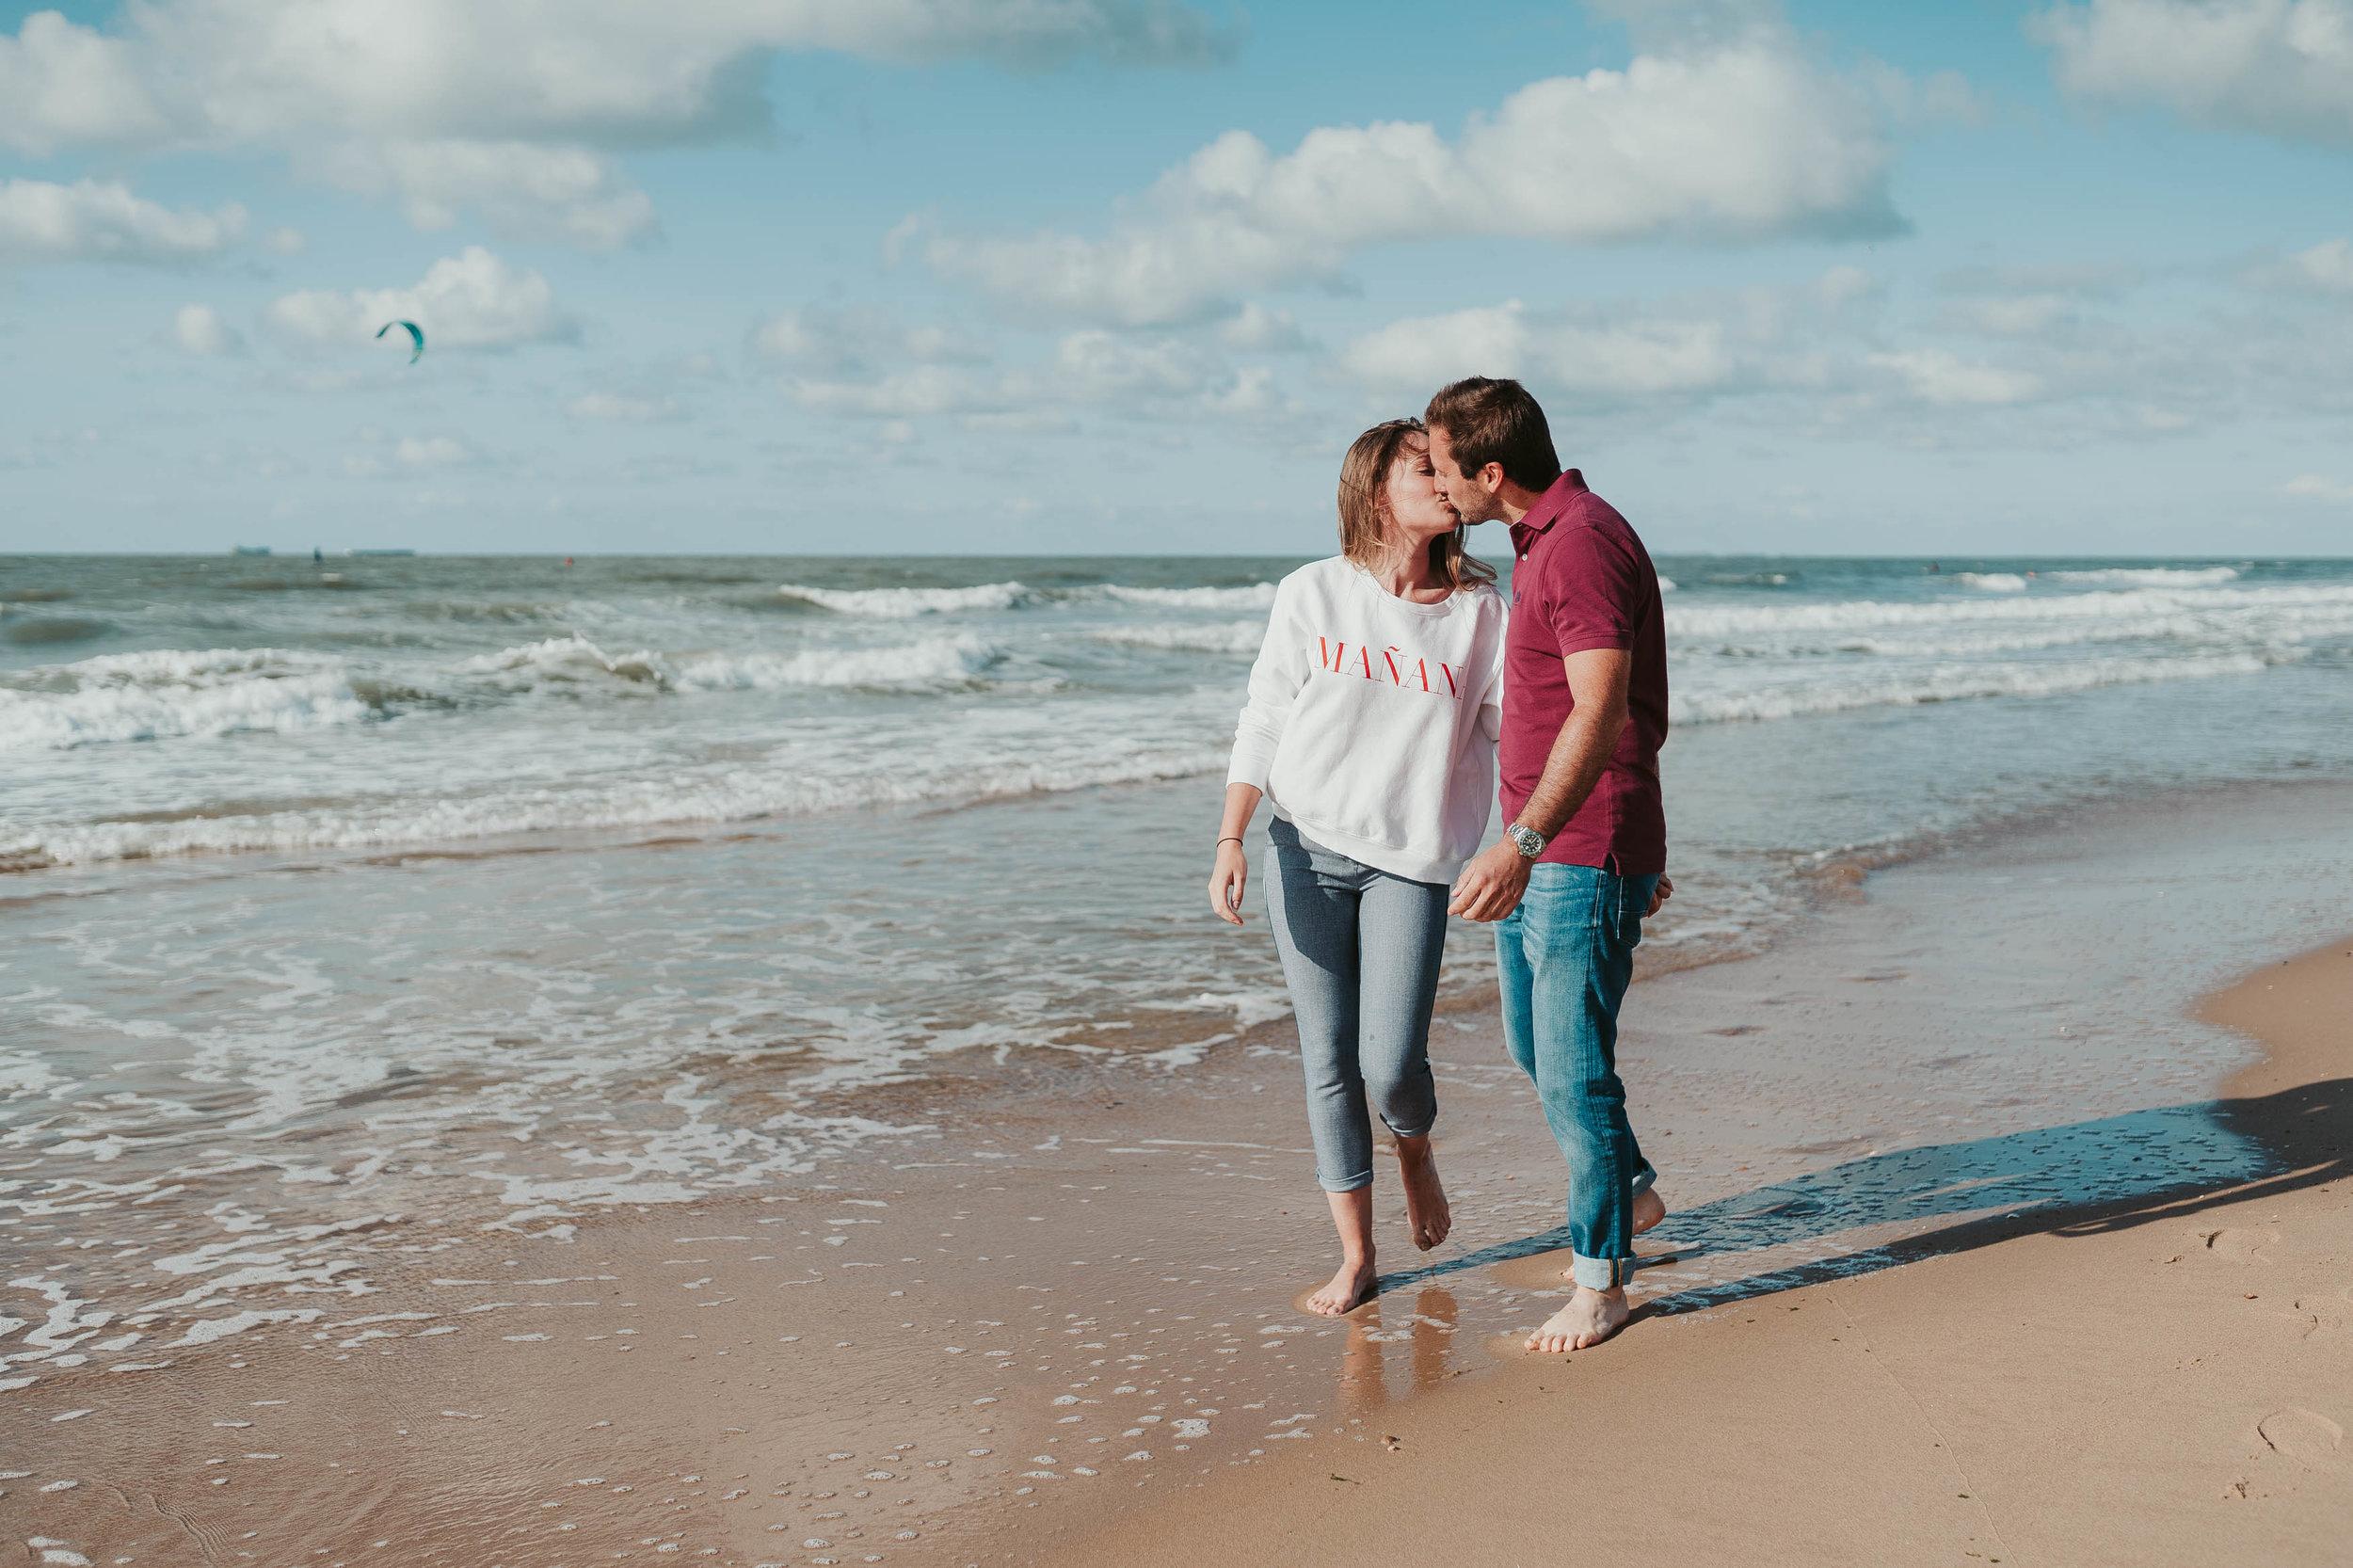 photographe_bruxelles_couple_mer_du_nord-4.jpg